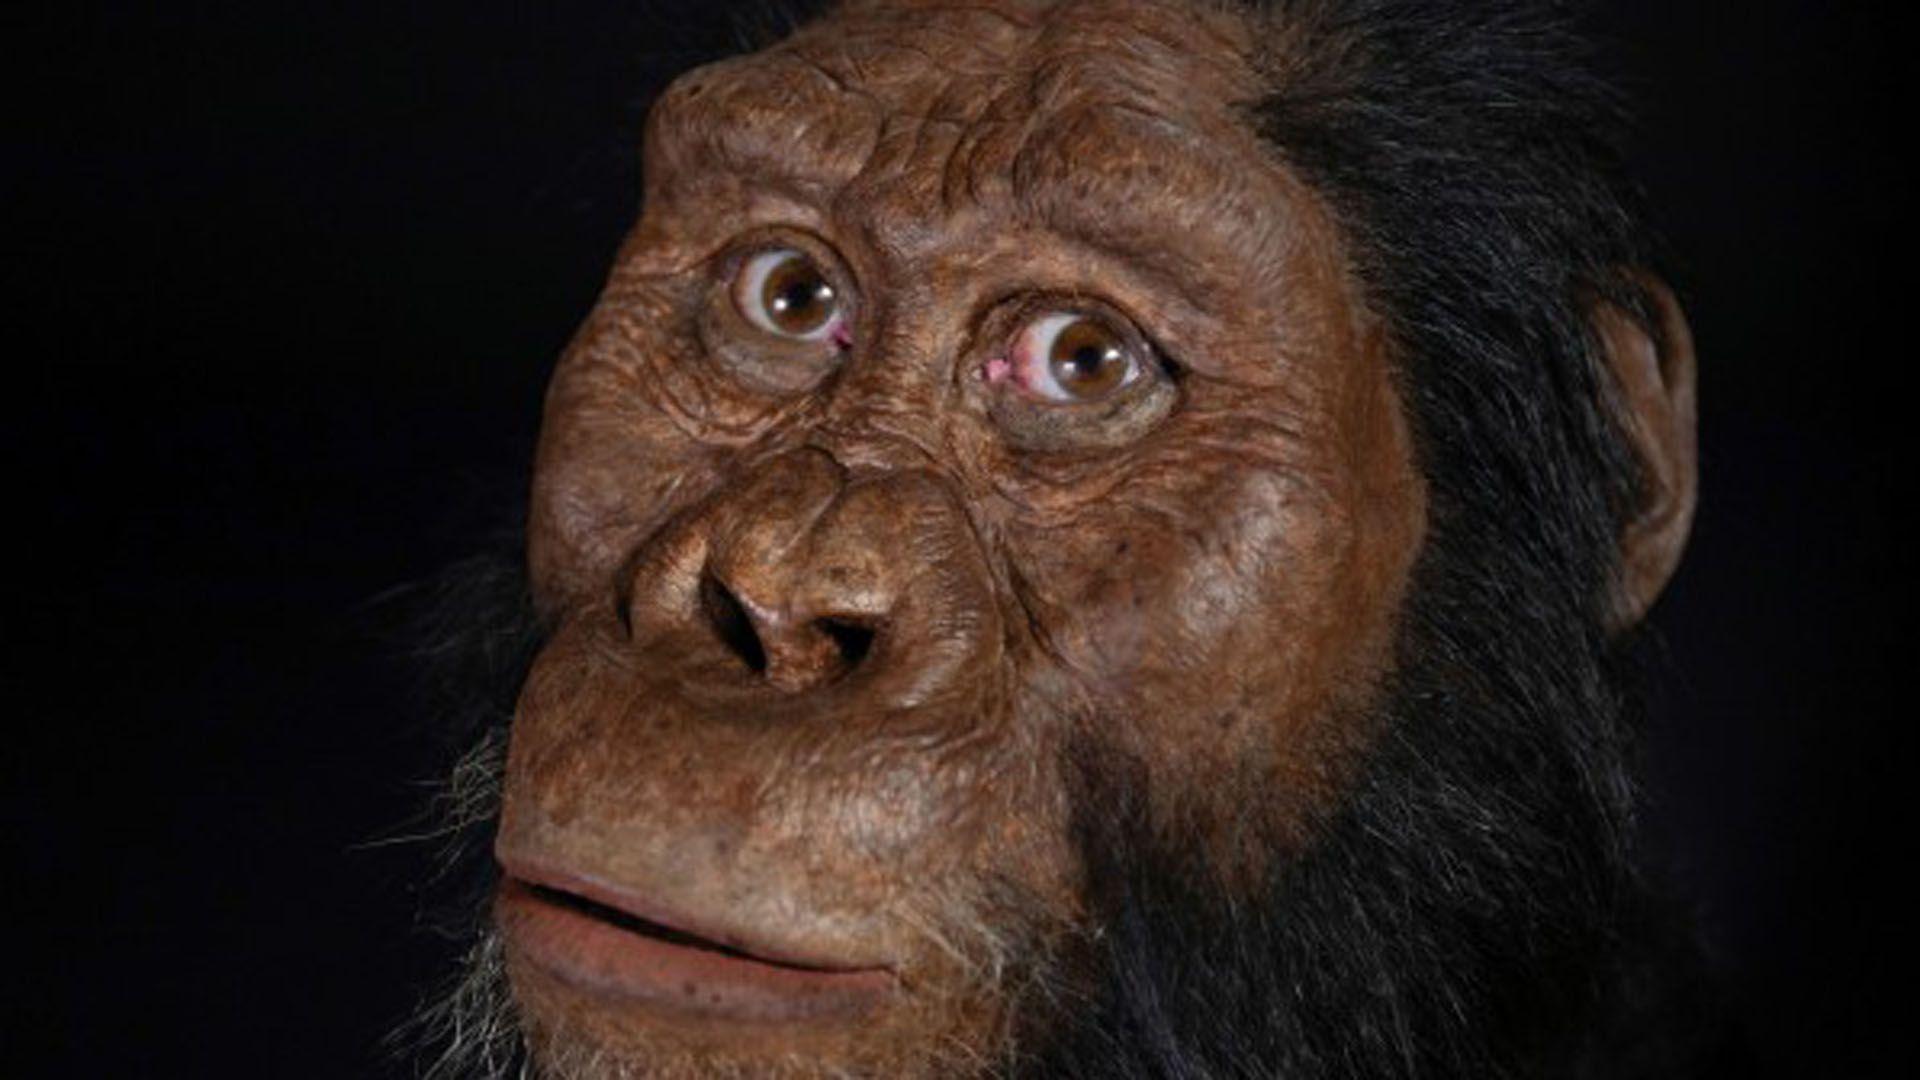 el Afarensis es una evolución del Anamensis y que mientras el primero habitó la Tierra desde hace 3,8 millones de años hasta hace 3 millones de años, el segundo lo hizo desde hace 4,2 millones hasta 3 millones (EFE)